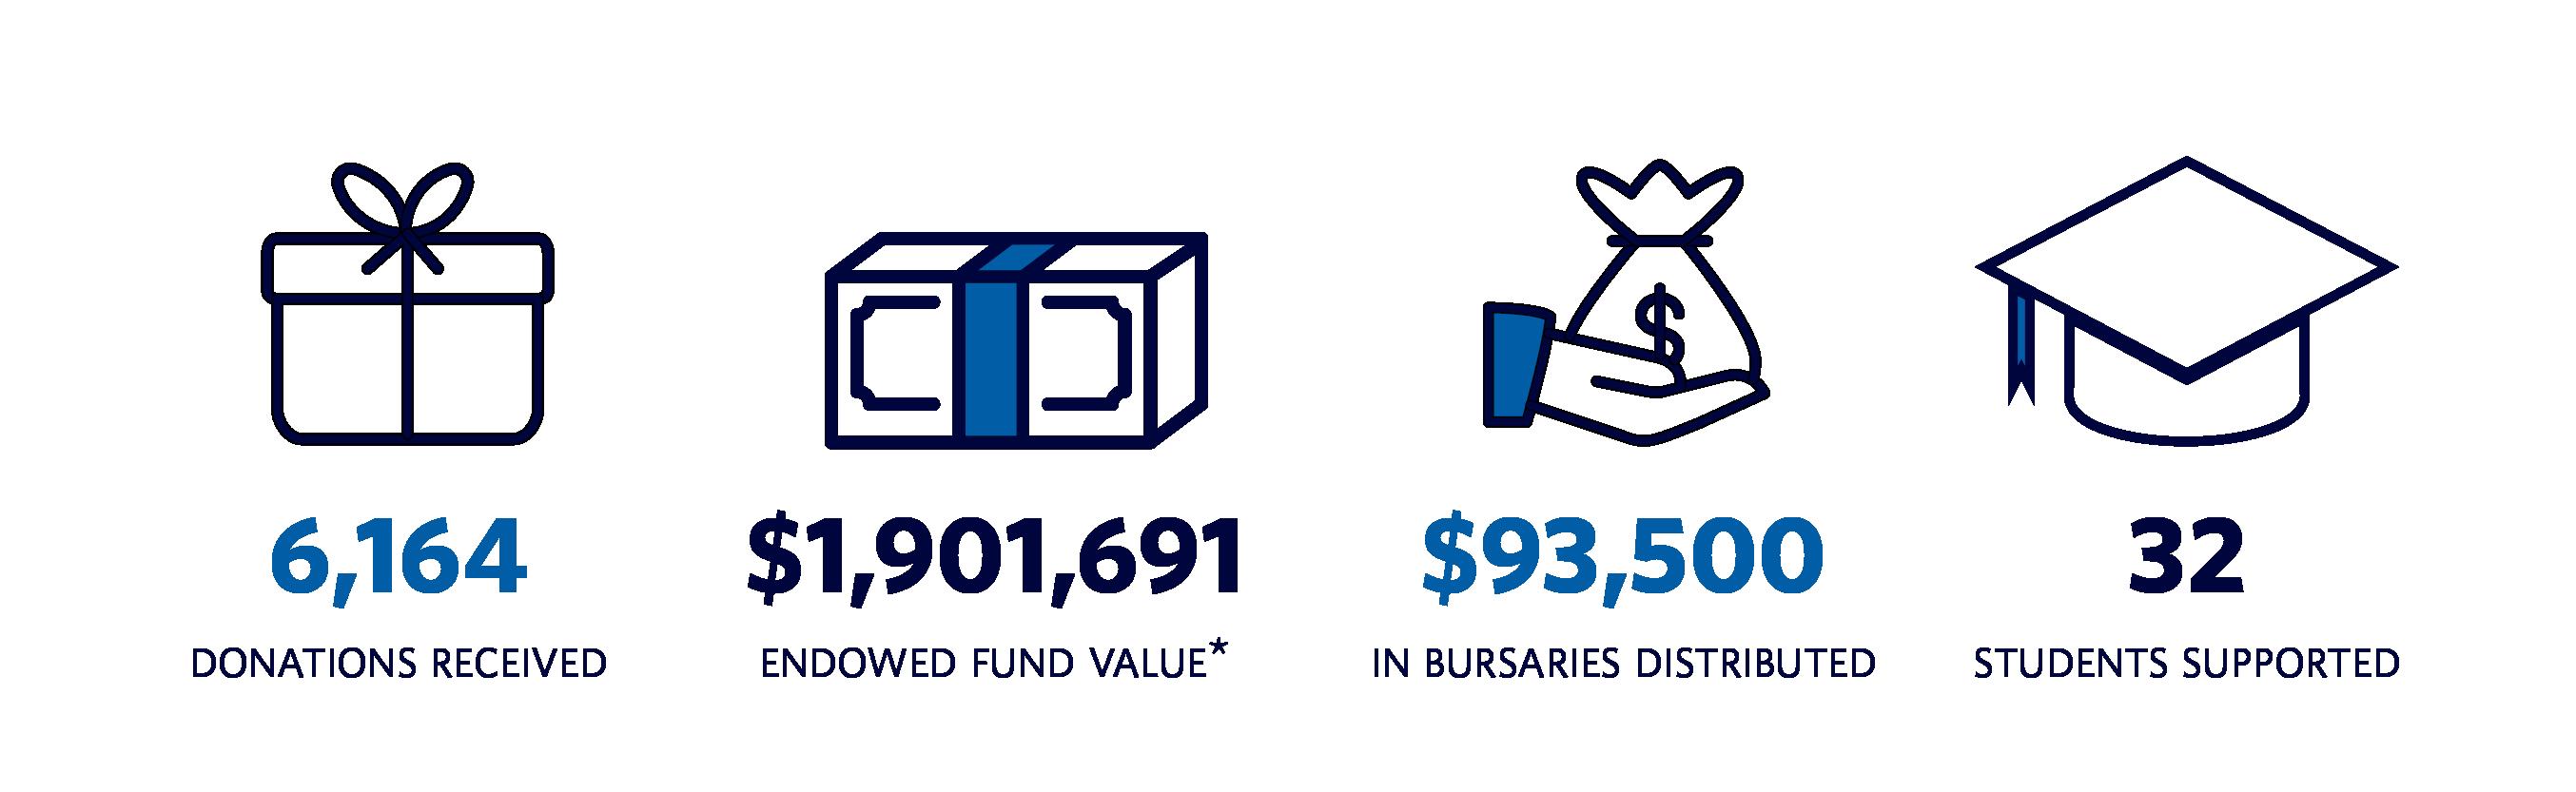 Bursary Impact Report 2020 | Infographic